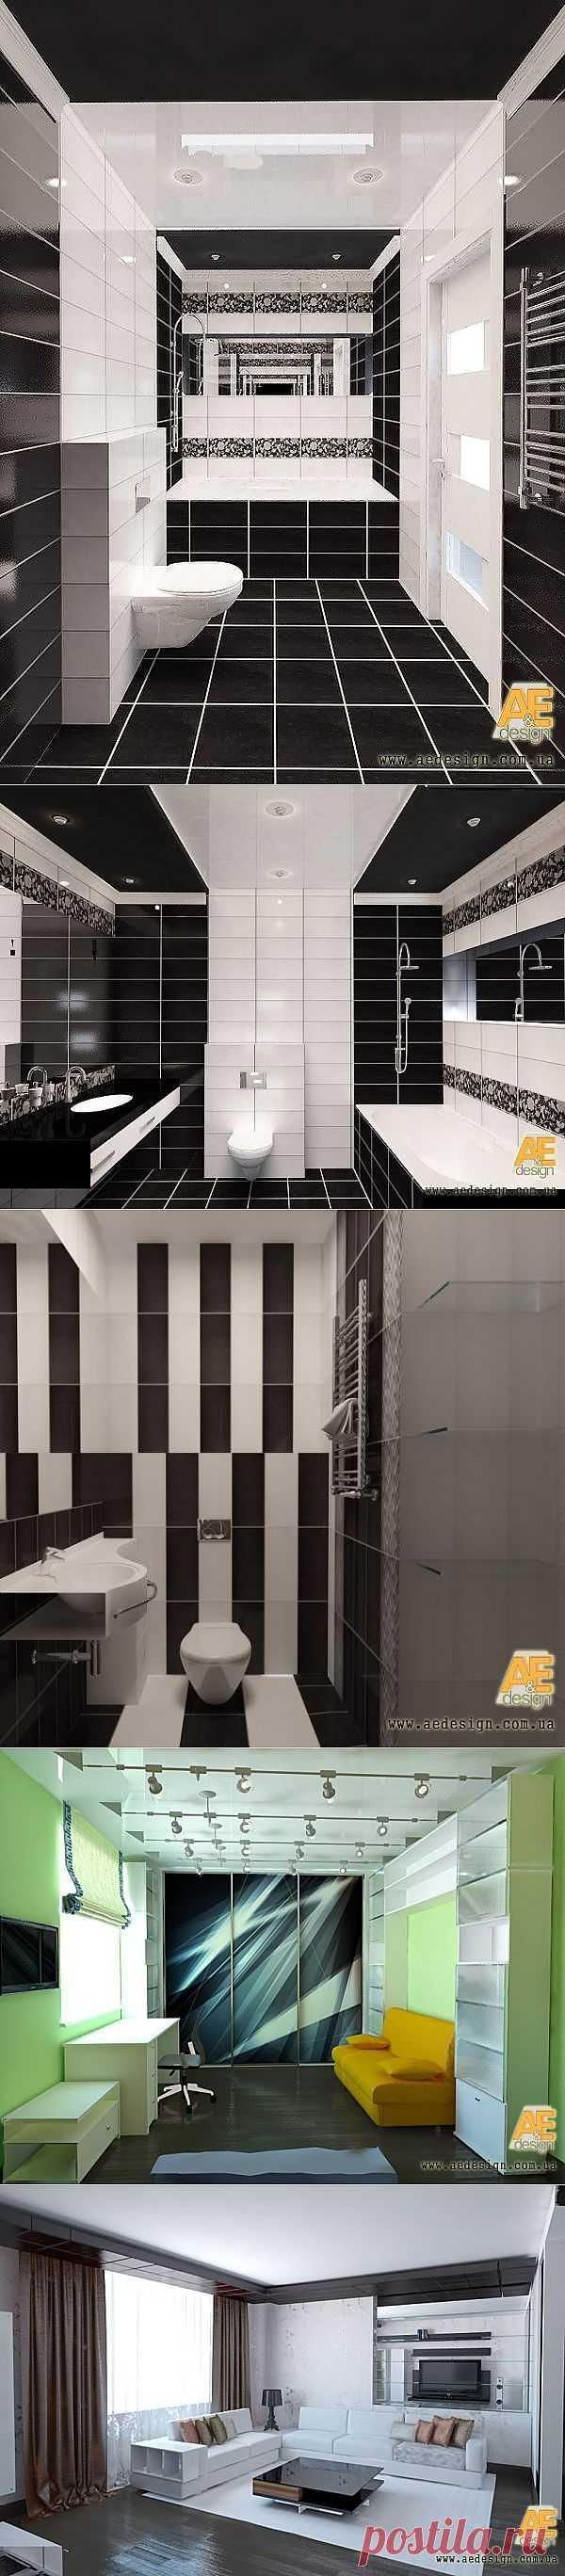 Черно-белые мотивы. | Наш уютный дом